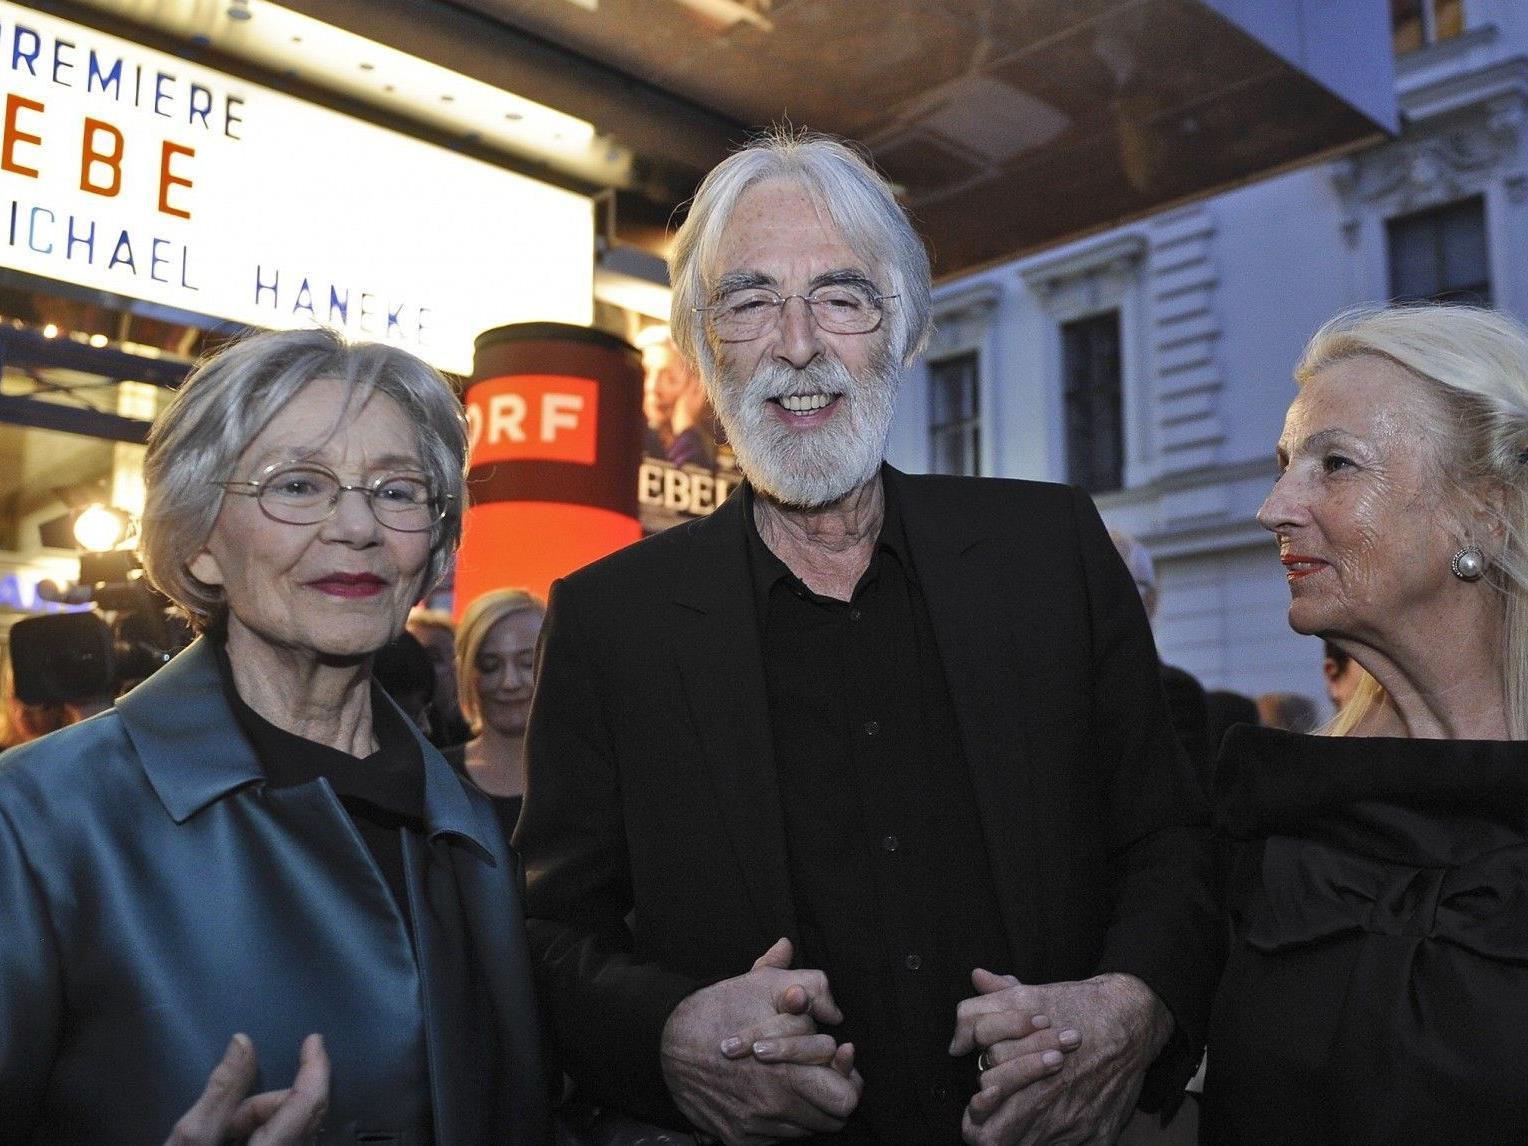 """Michael haneke feierte am Montagabend Premiere seines neuesten Filmes """"Amour""""."""